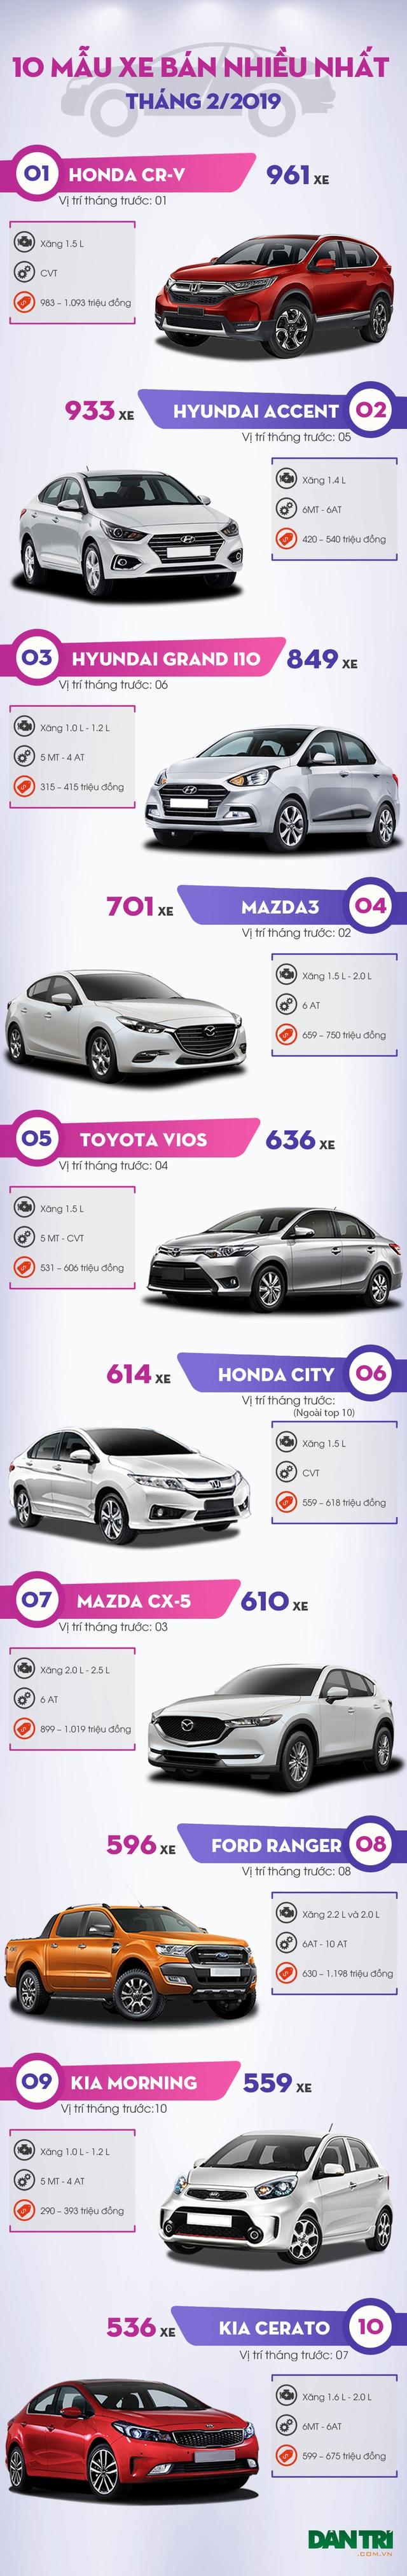 top 10 mẫu xe bán nhiều nhất tháng 3/2019